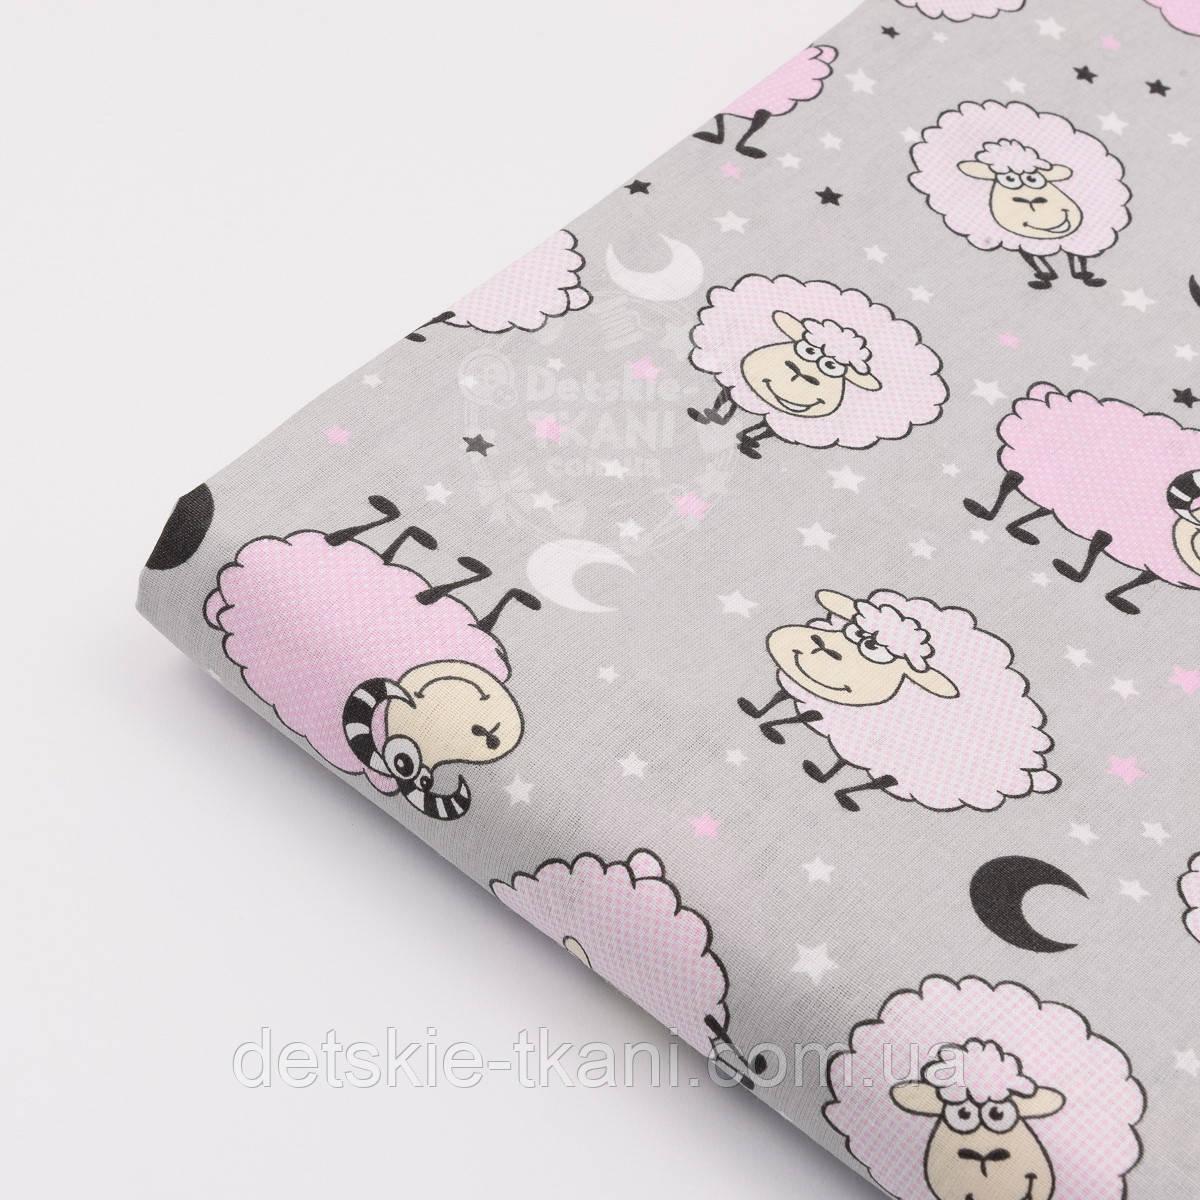 Лоскут ткани с розовыми овечками на сером  фоне № 1125